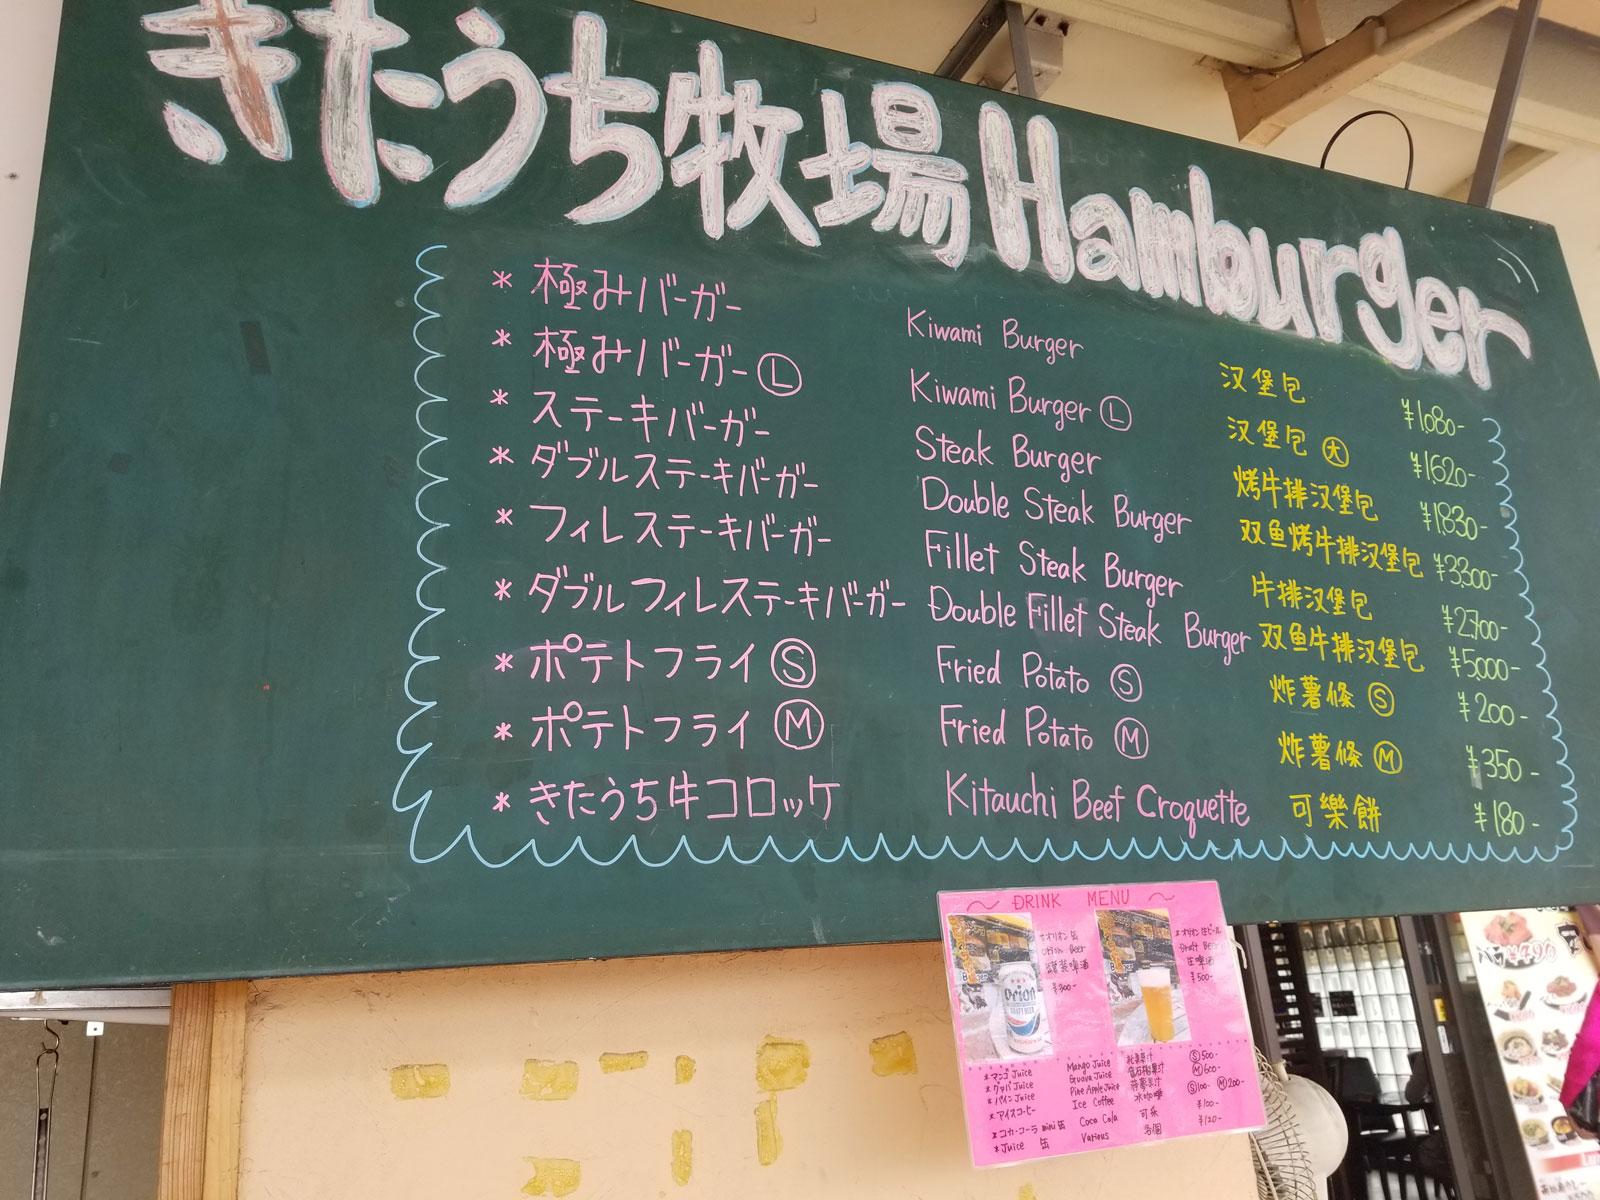 石垣島きたうち牧場 ハンバーガー店 フード